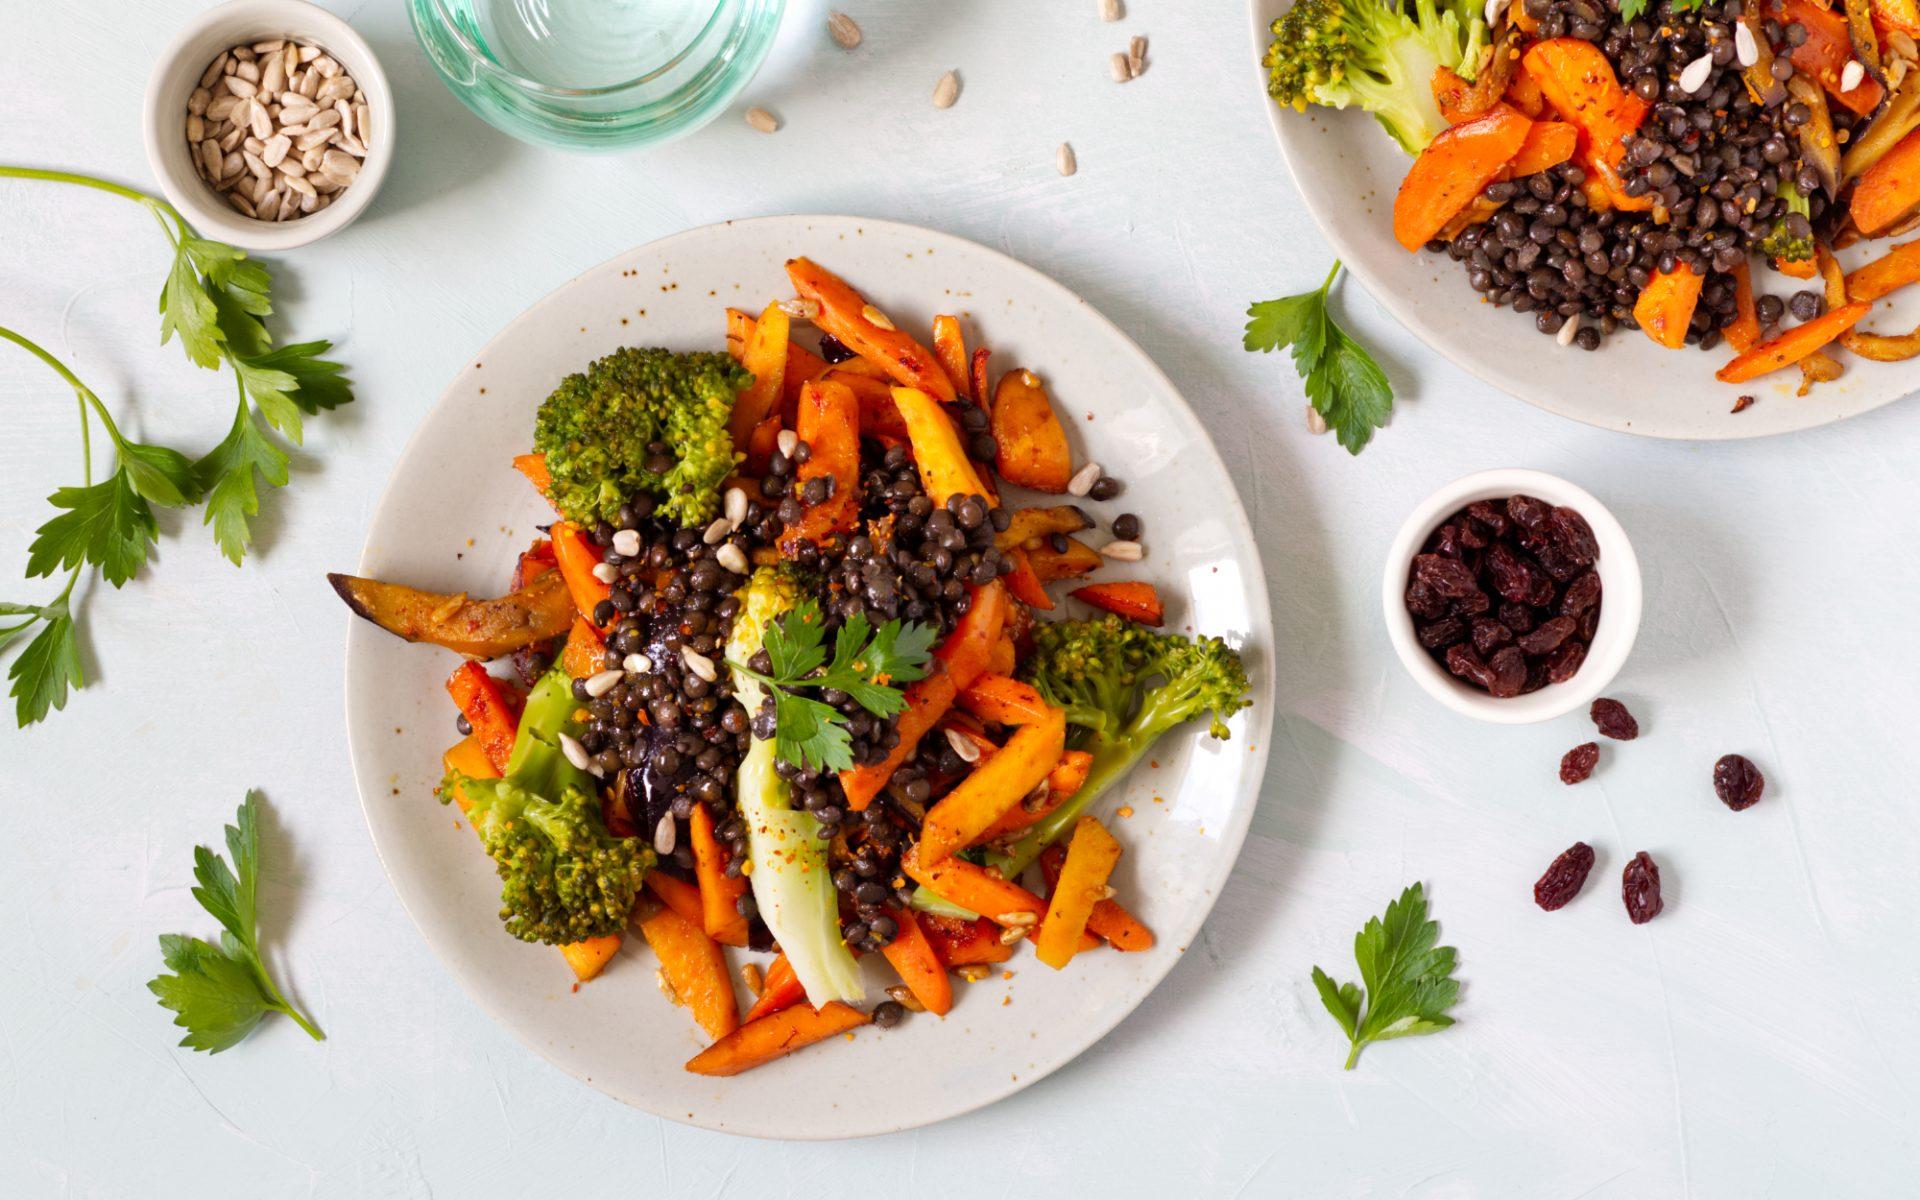 Schnelle Gemüsepfanne mit Linsen